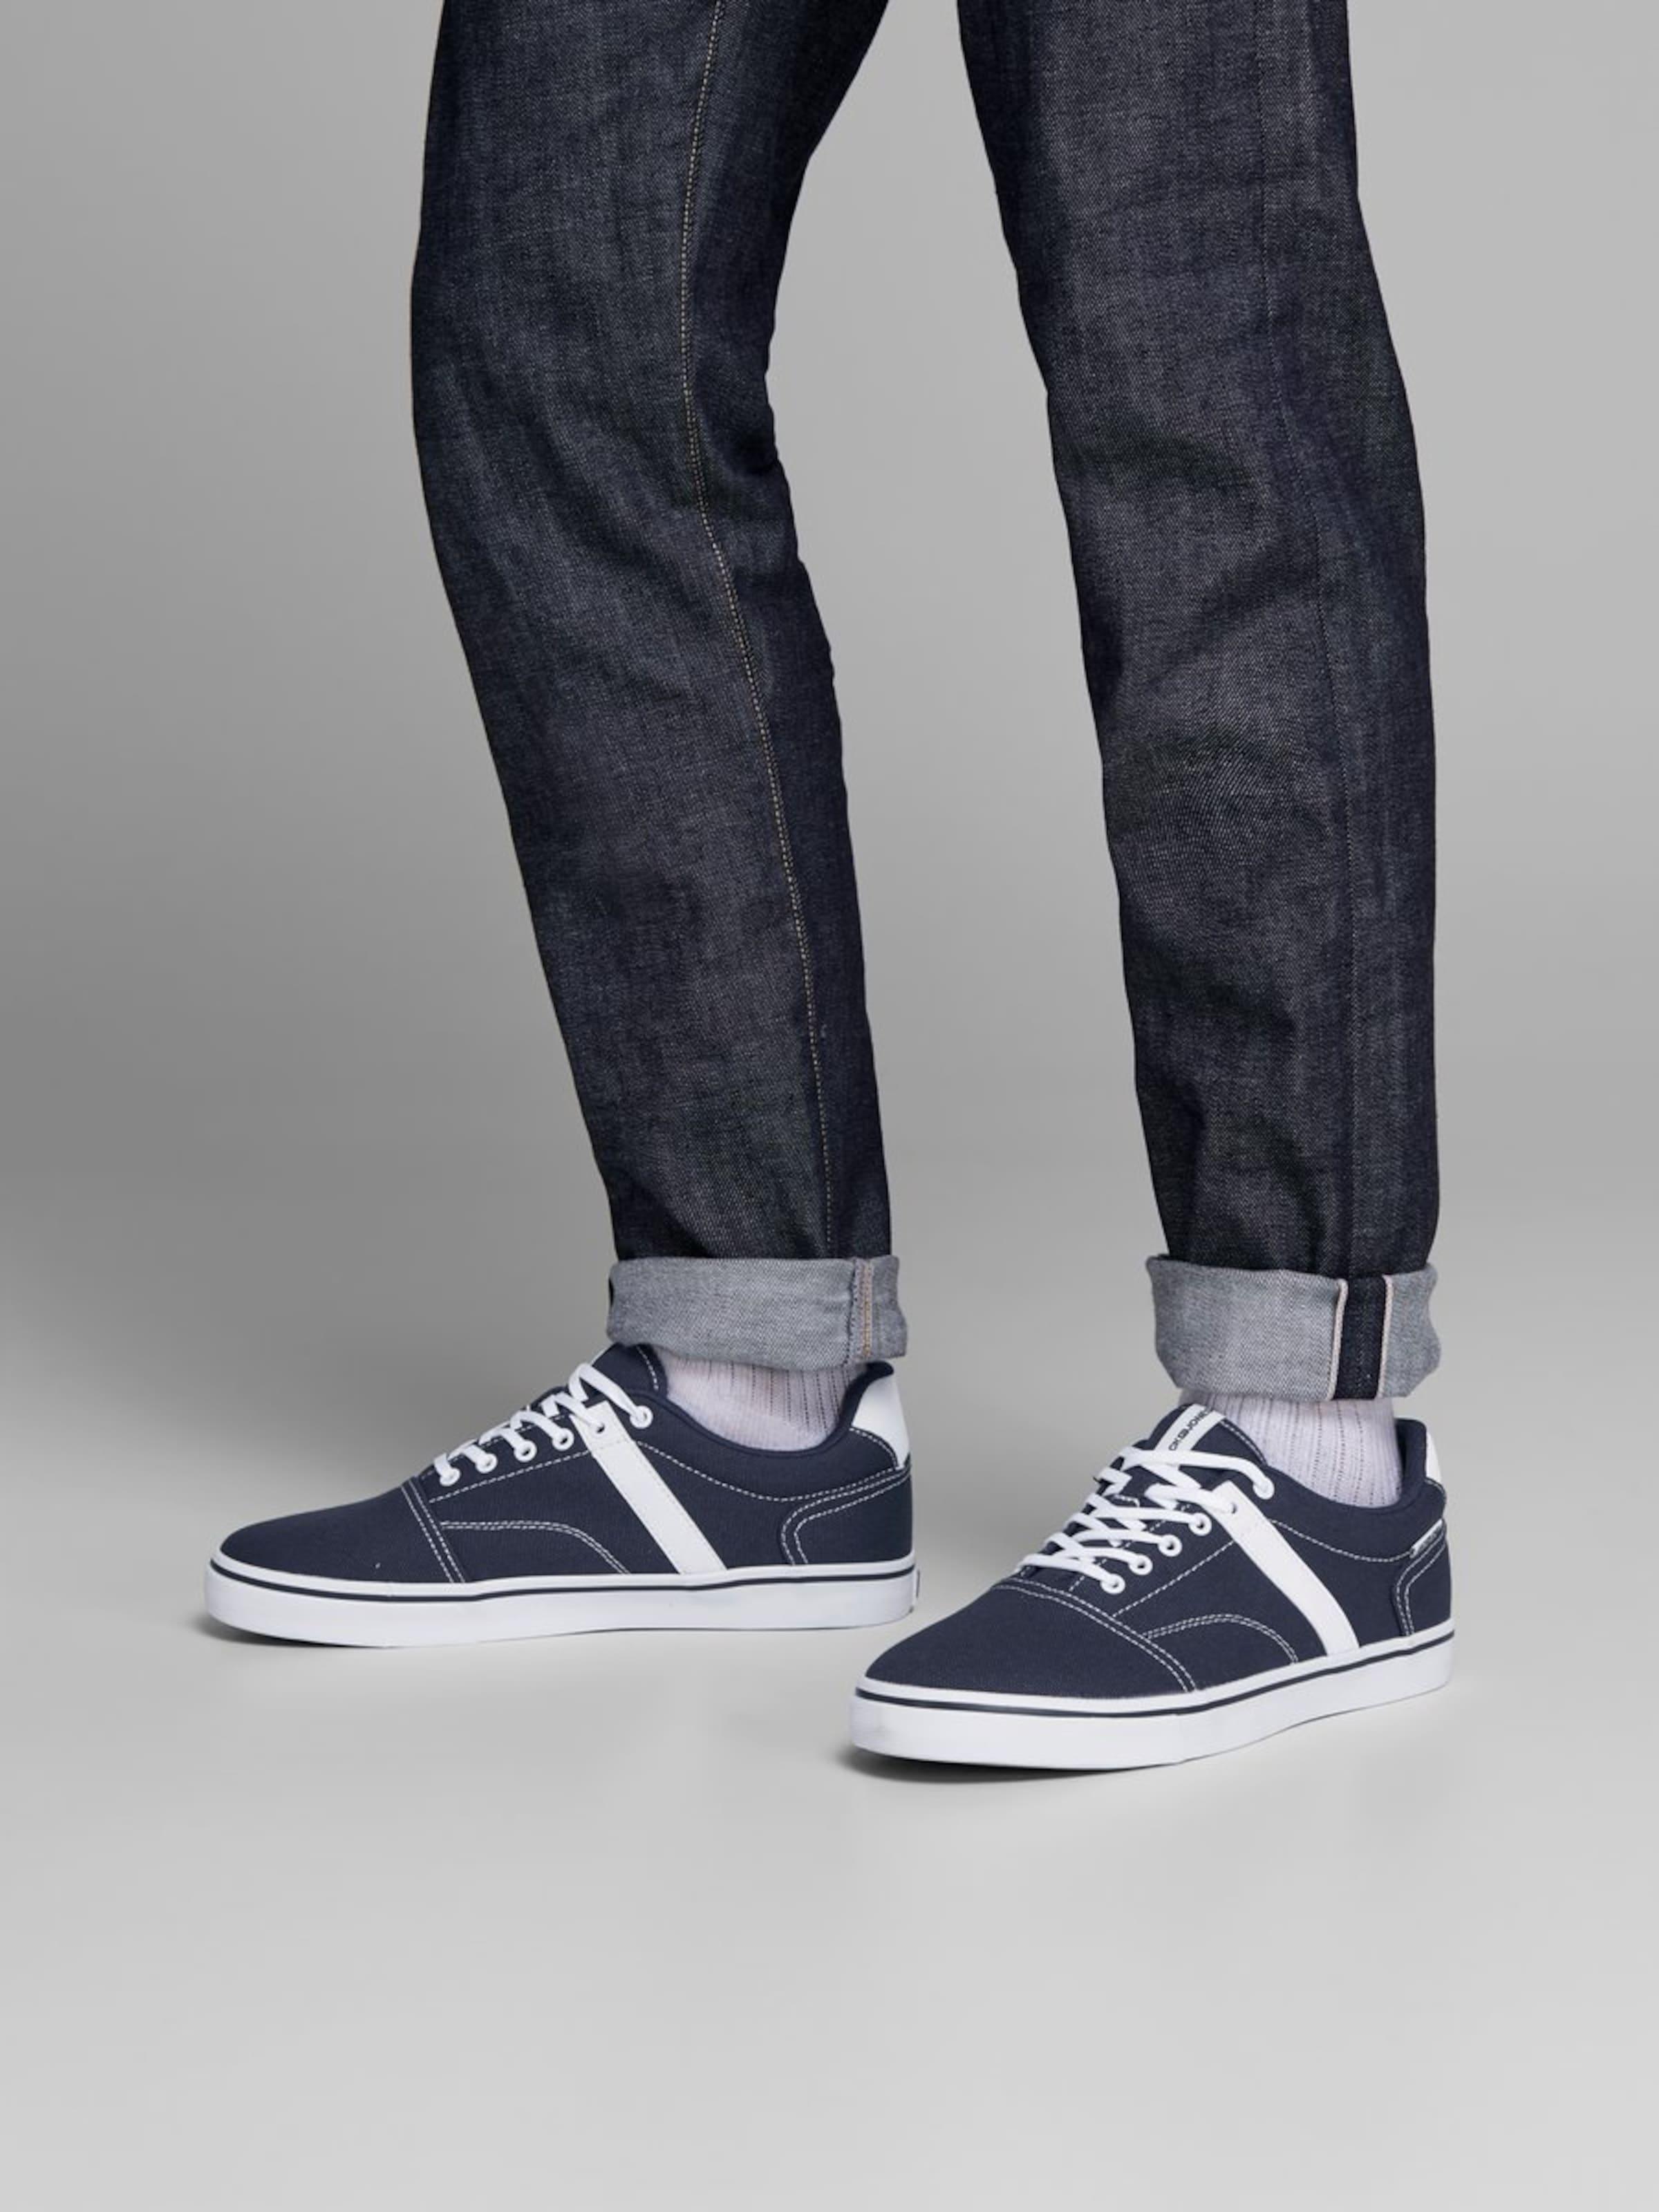 NavyWit Jones Jackamp; Sneakers In Laag rdxhsCtQ